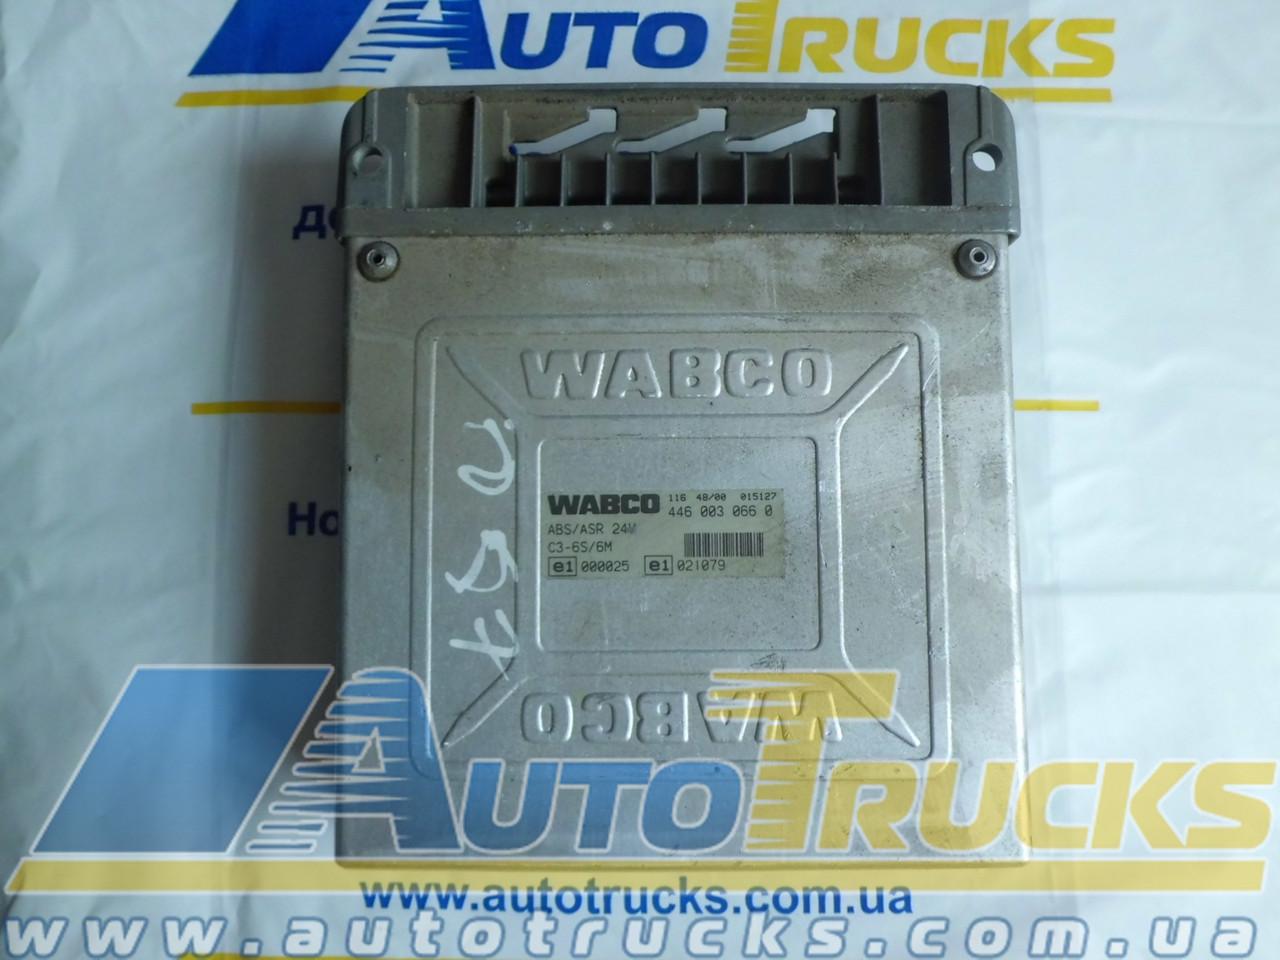 Блок управления ABS/ASR 24V C3-4S/4M Б/у для IVECO (4460040660; 98498212;)